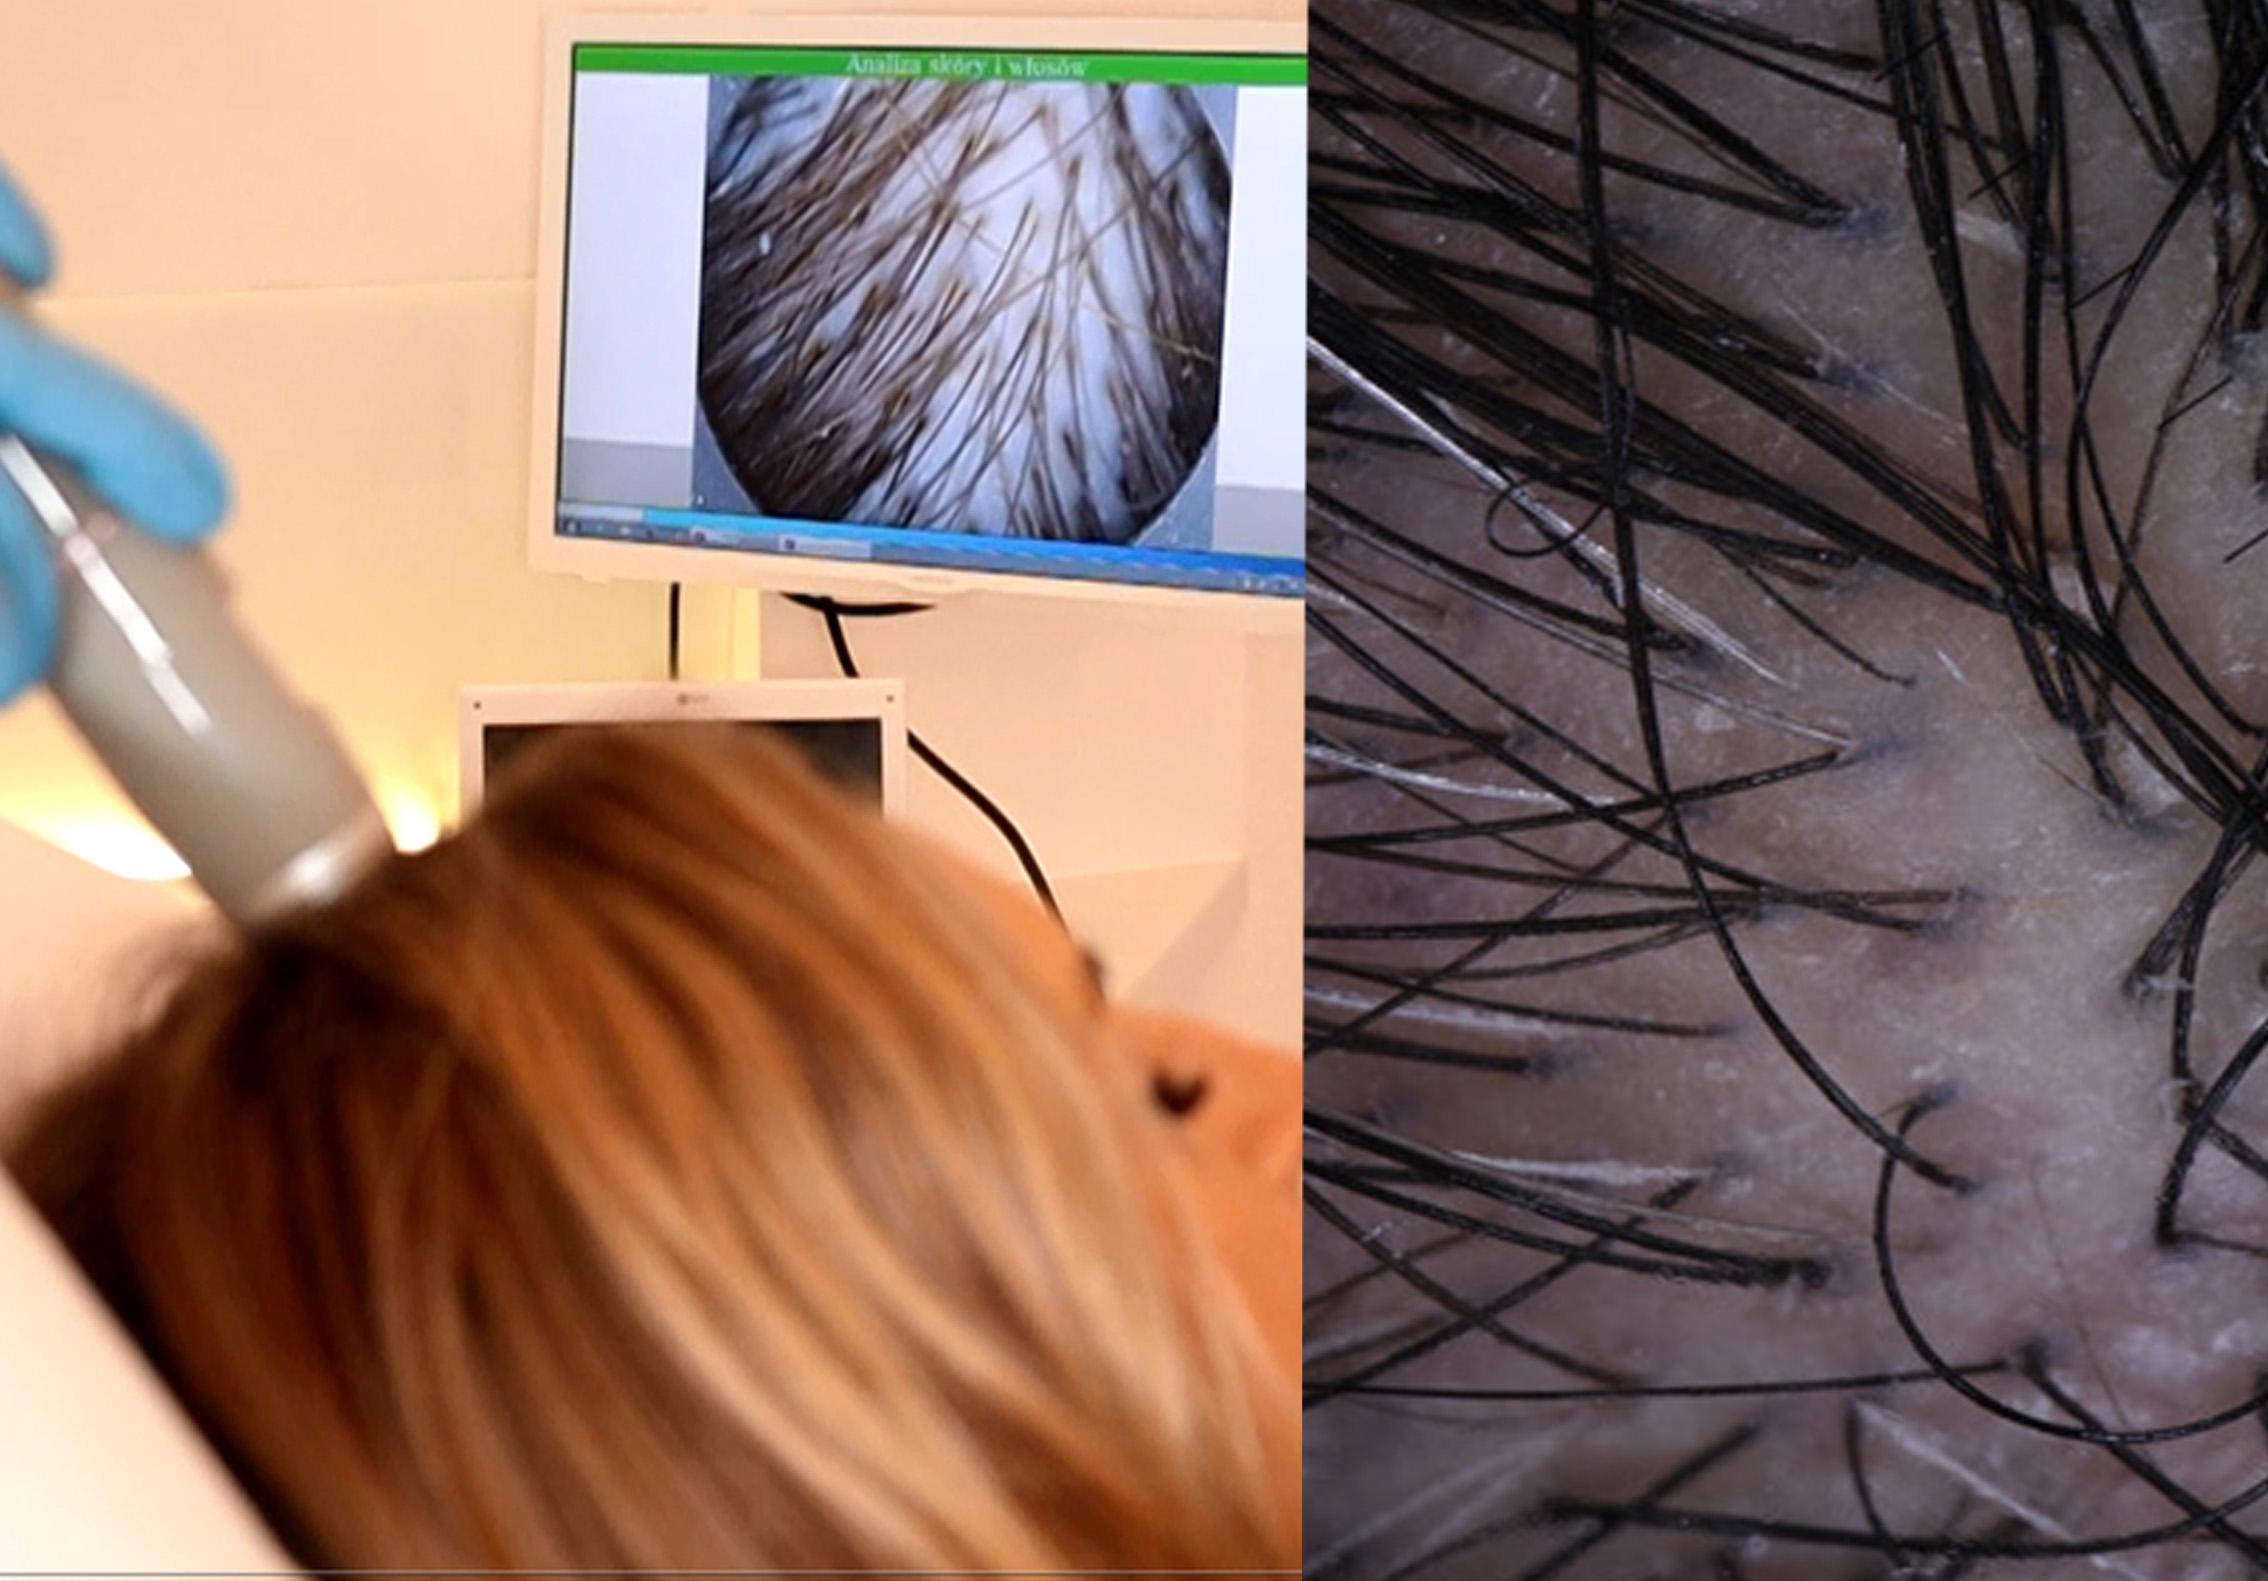 leczenie wypadania włosów u mężczyzn gdansk, leczenie wypadania włosów gdańsk gdansk, leczenie wypadania wlosow gdynia gdansk, leczenie wypadania wlosow gdansk gdansk, leczenie wypadania włosów osoczem gdansk, leczenie wypadania wlosow gdansk, leczenie wypadania włosów u kobiet gdansk, leczenie wypadanie wlosow gdansk, dr cyj hair filler skład gdansk, dr cyj hair filler opinie gdansk, dr cyj hair filler efekty gdansk, dr cyj hair filler cena gdansk, dr cyj hair filler zabieg gdansk, dr cyj hair filler gdansk, dr cyj czy osocze bogatopłytkowe gdansk, dr.cyj hair filler cena zabiegu gdansk, dr cyj hair filler skutki uboczne gdansk, dr cyj ampułki opinie gdansk, osocze bogatopłytkowe efekty po 1 zabiegu gdansk, osocze bogatopłytkowe na włosy gdansk, osocze bogatopłytkowe efekty włosy gdansk, osocze bogatopłytkowe pod oczy gdansk, osocze bogatoplytkowe gdansk,